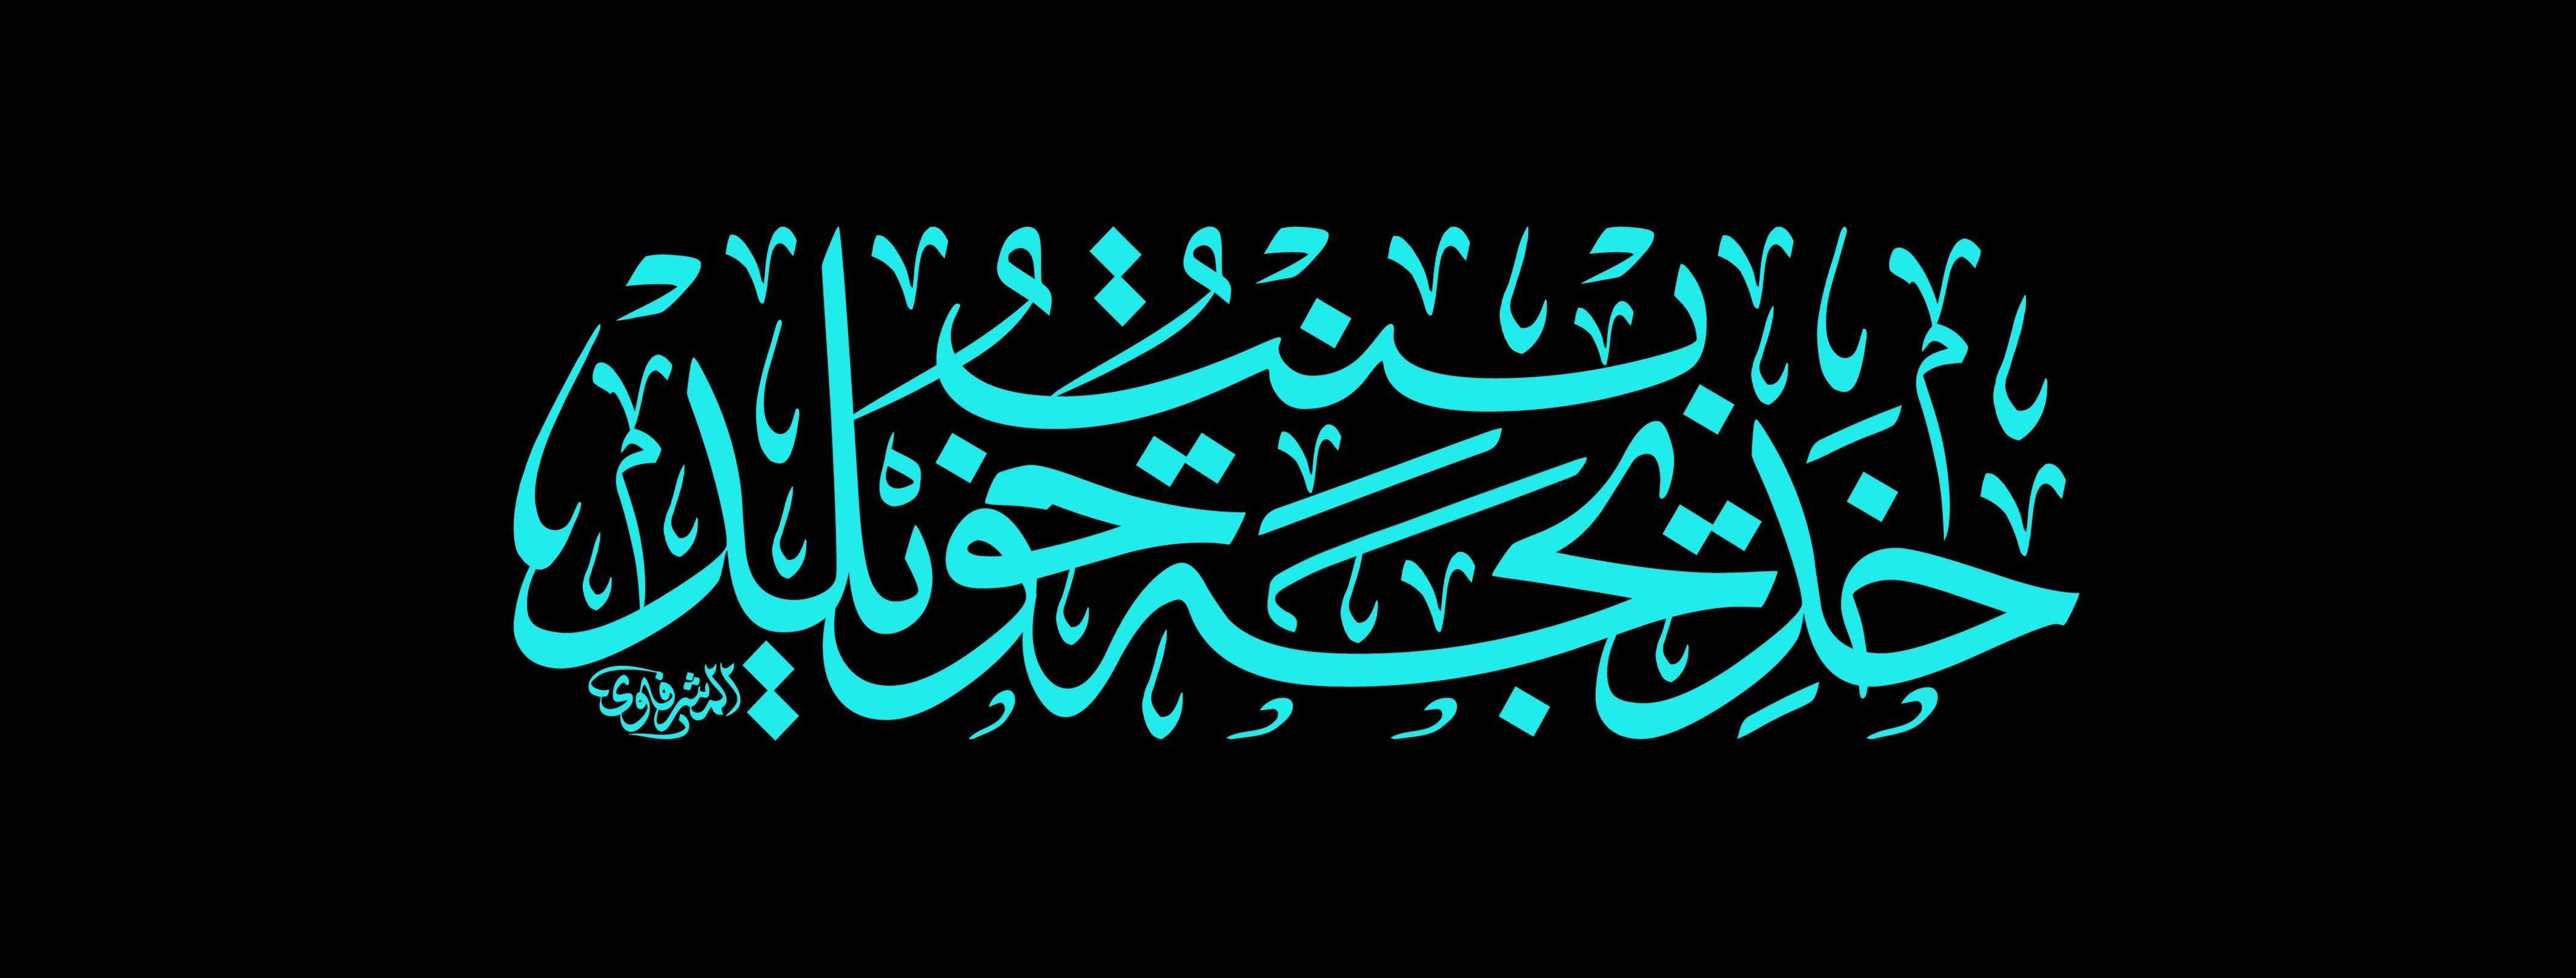 خديجة بنت خويلد روحي لتراب نعليها الفداء Neon Signs Neon Signs